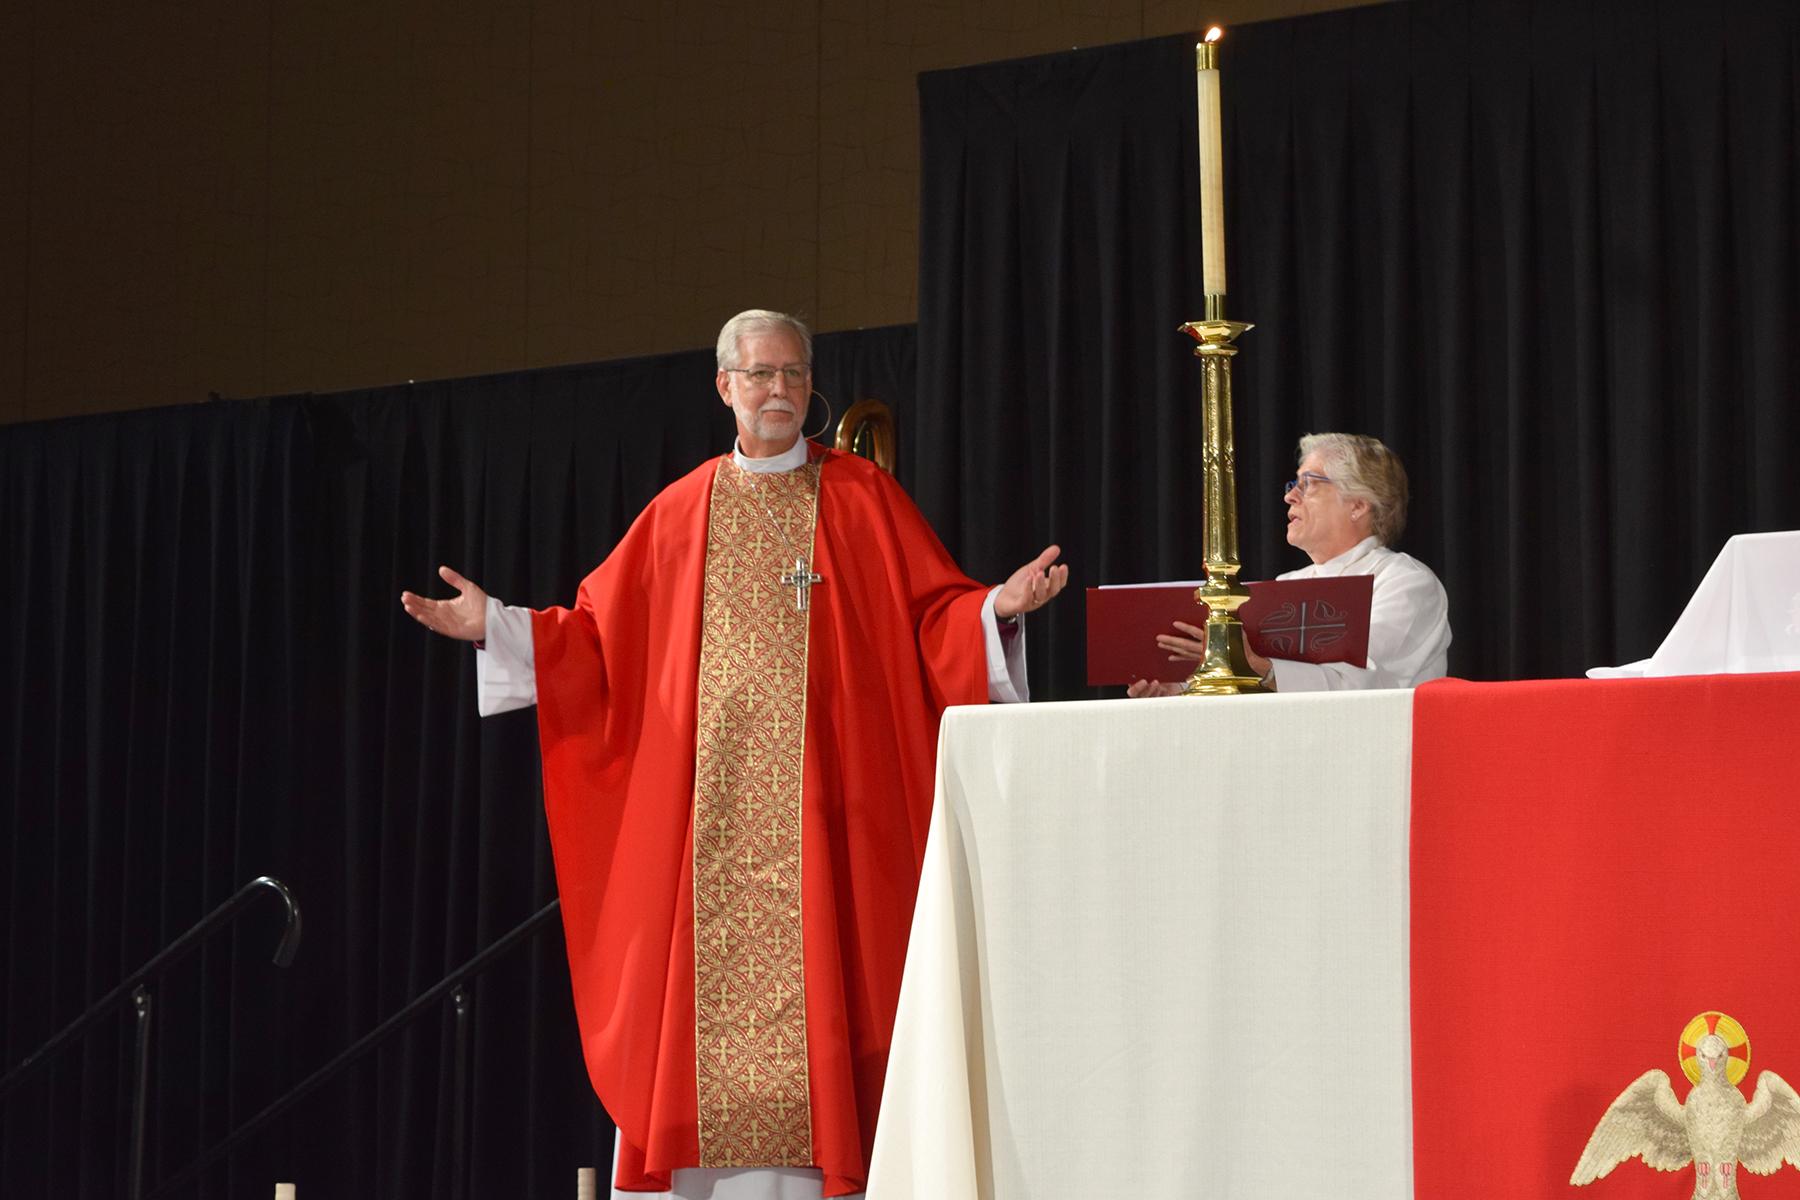 Bishop Gafkjen S October Newsletter